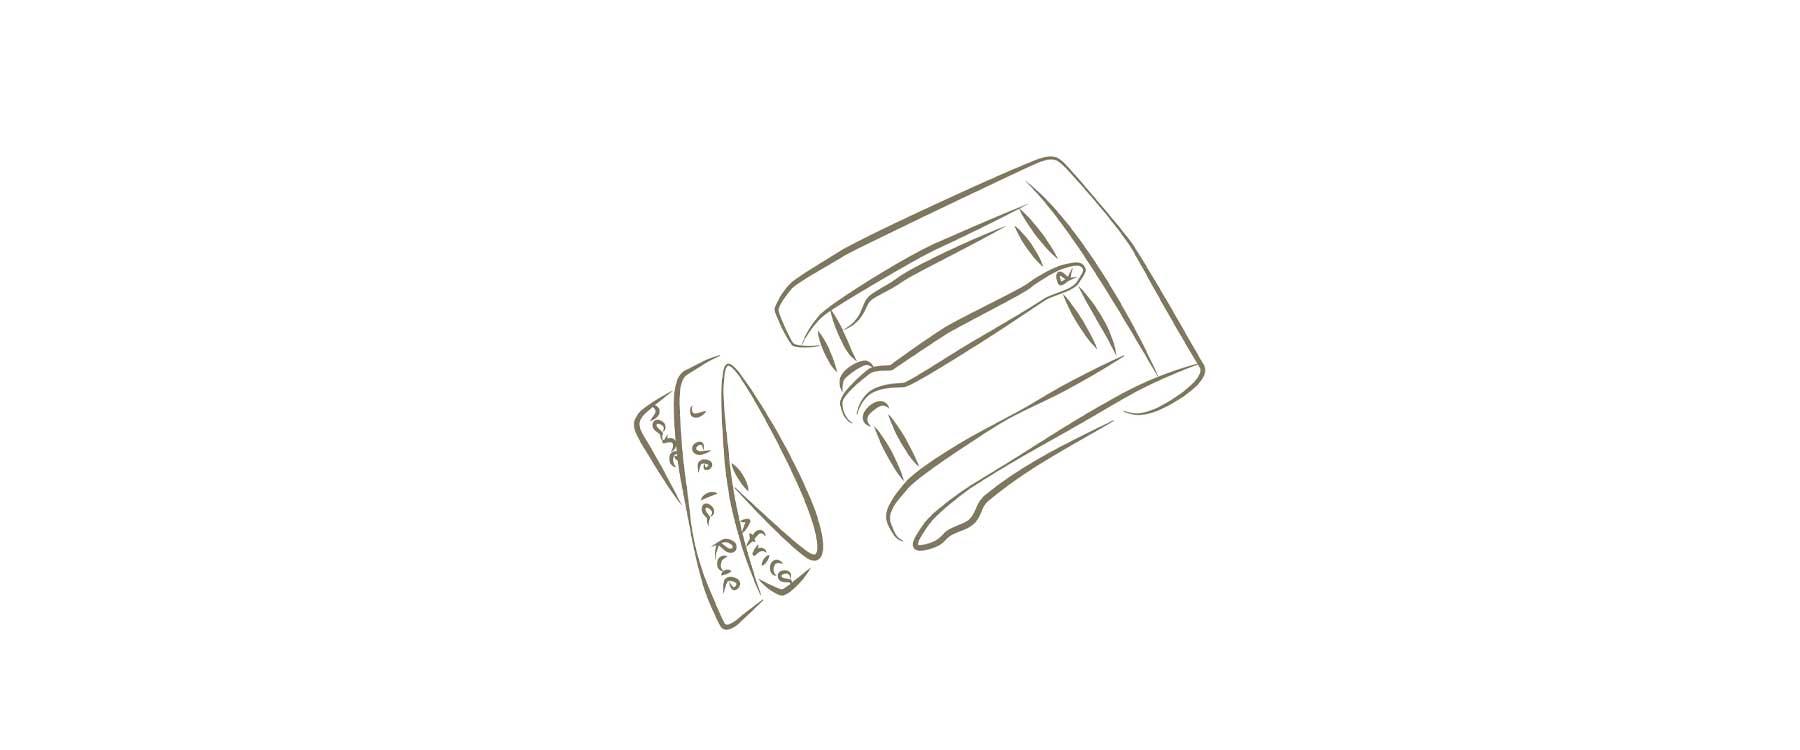 Buru-Buckle-Sketch